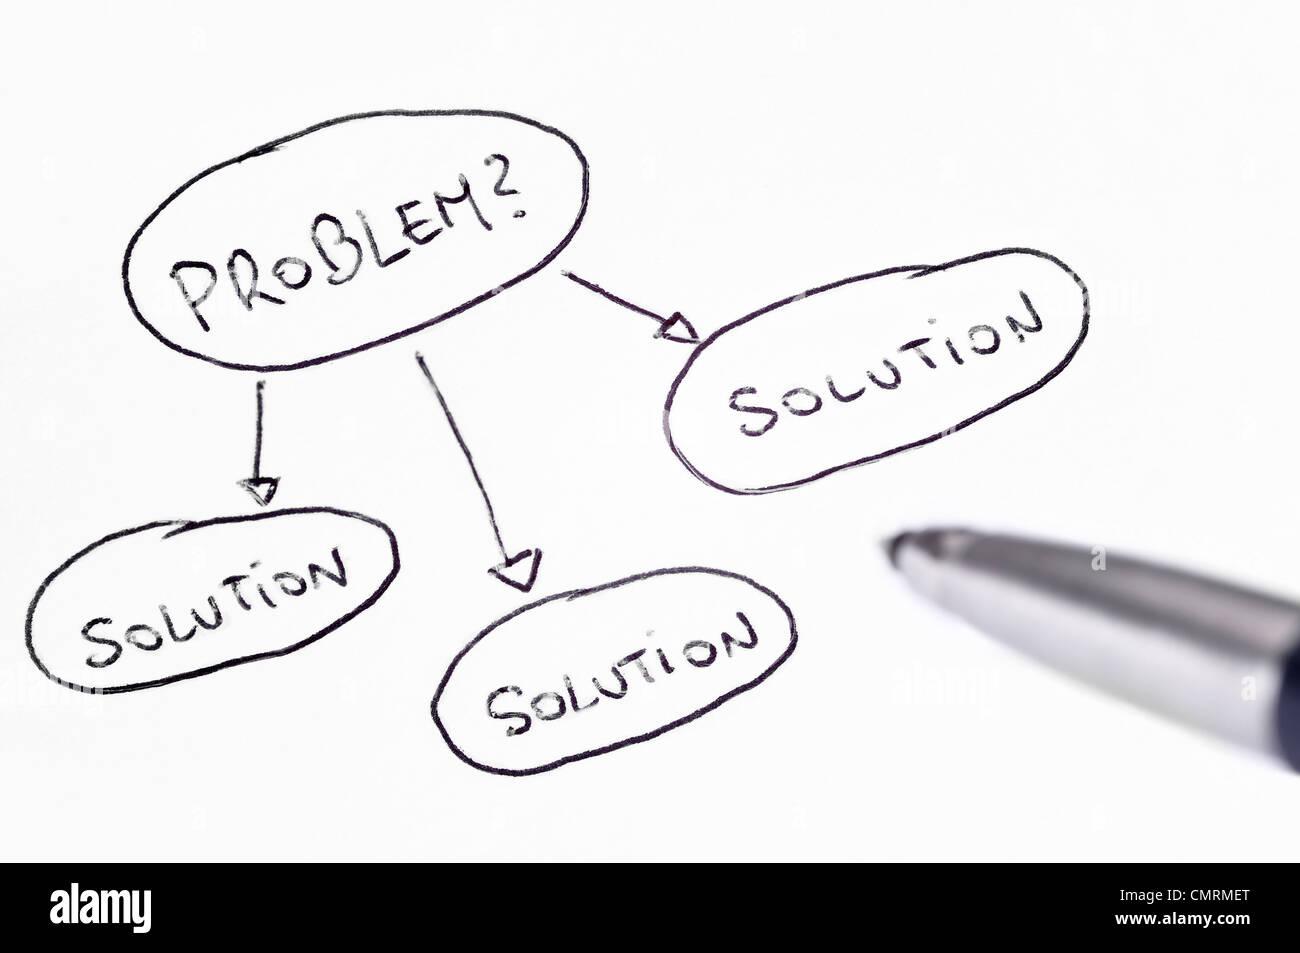 Problem und Lösung handschriftlichen Diagramm mit einem Stift an der Seite Stockfoto